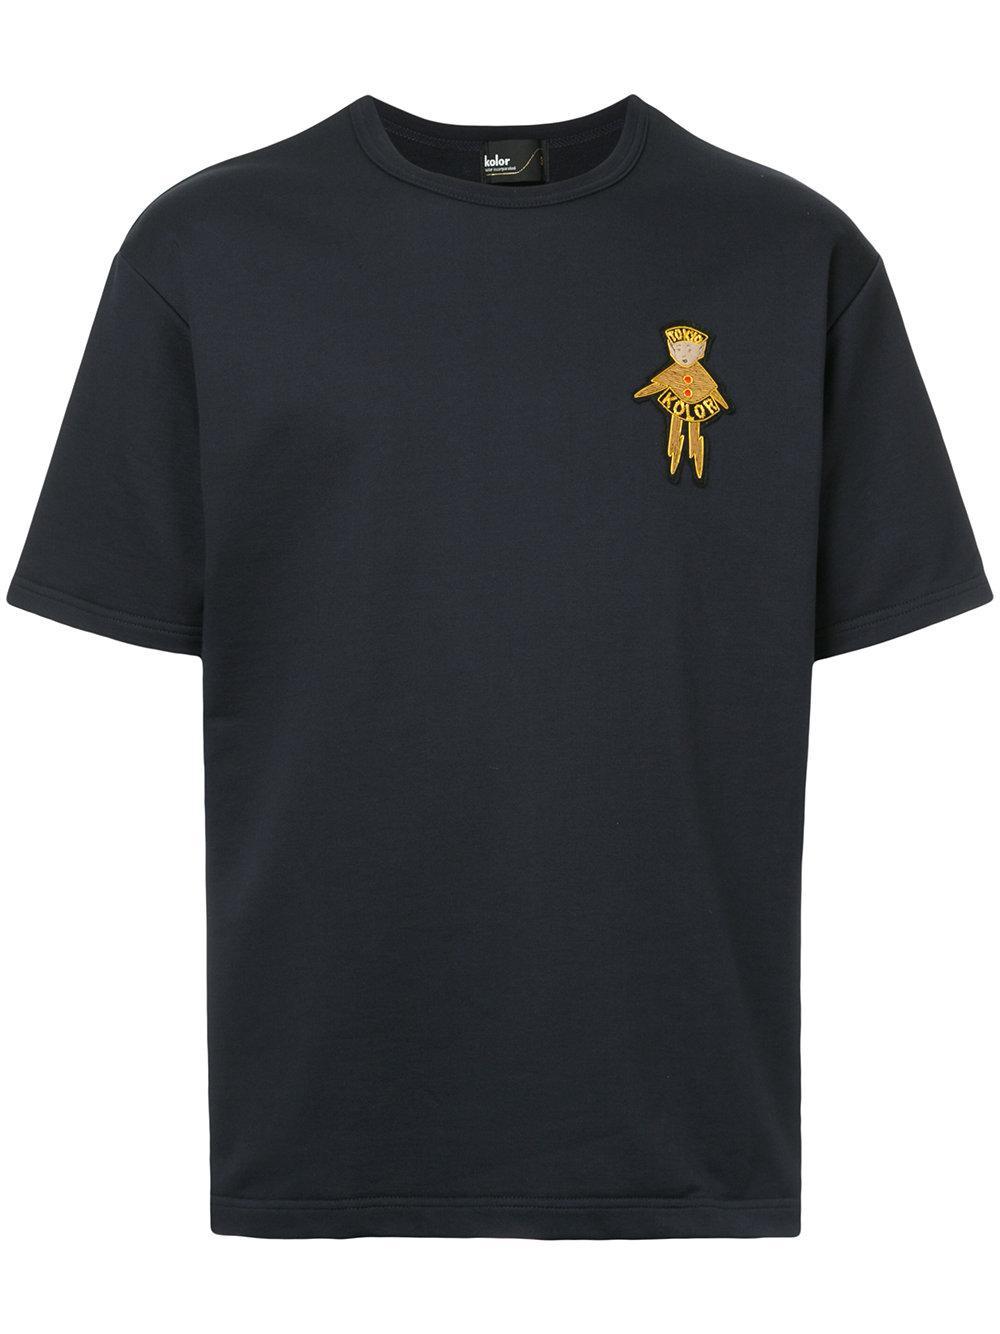 Kolor Patch Detail T-Shirt